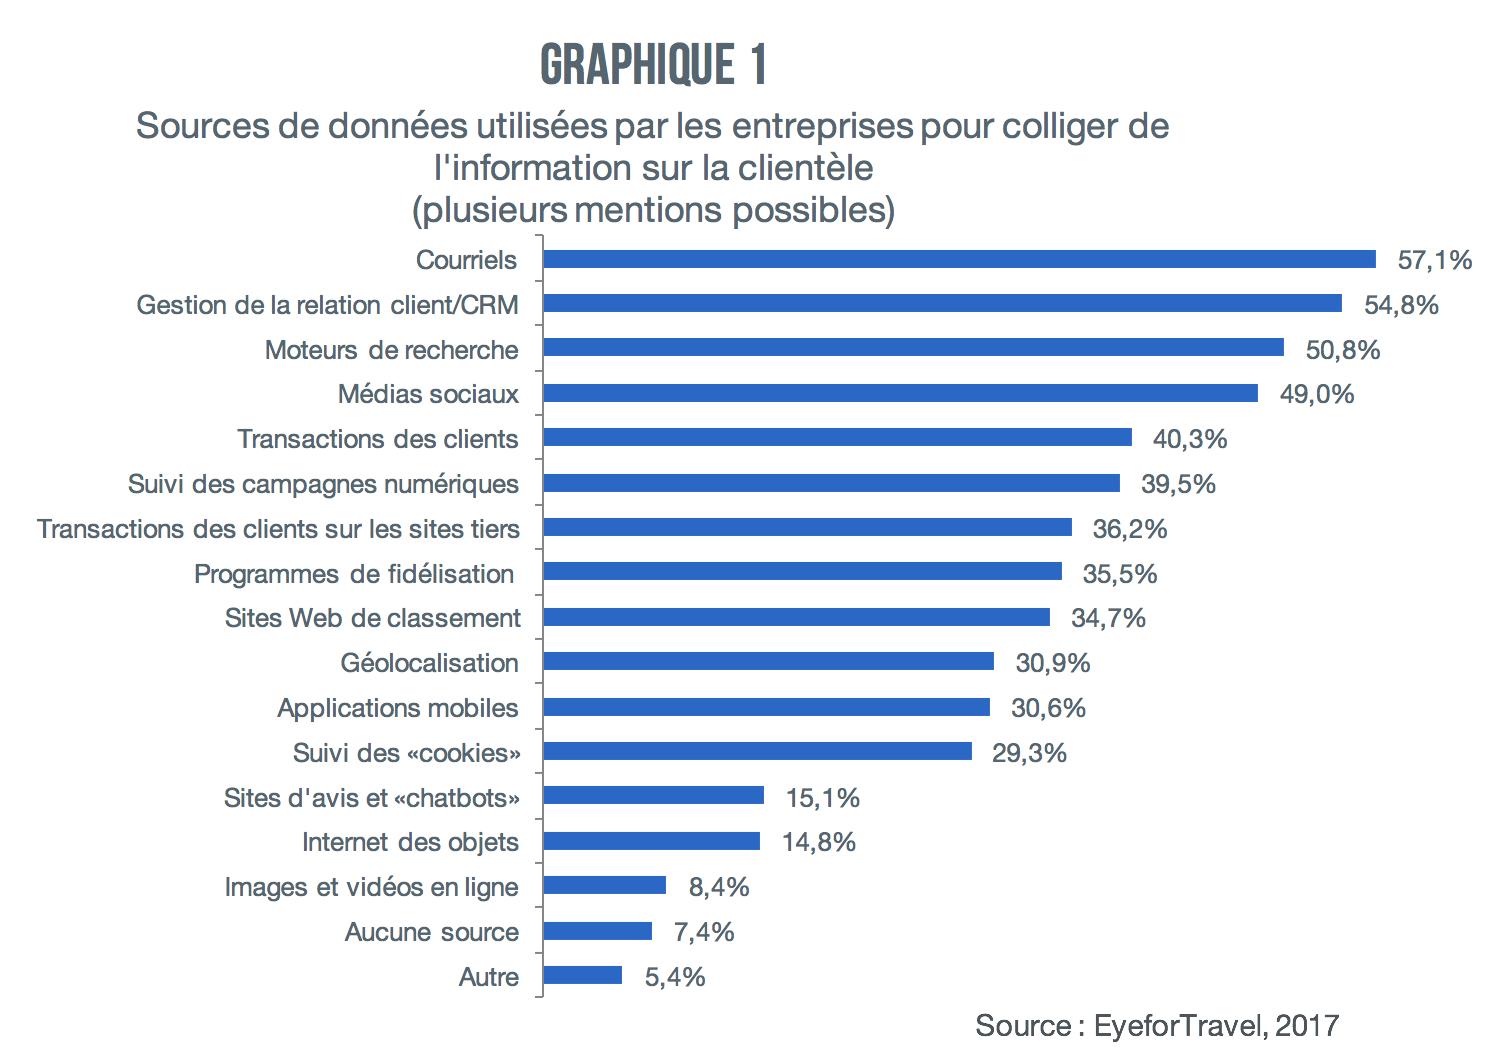 graphique-1-sources-de-donnees